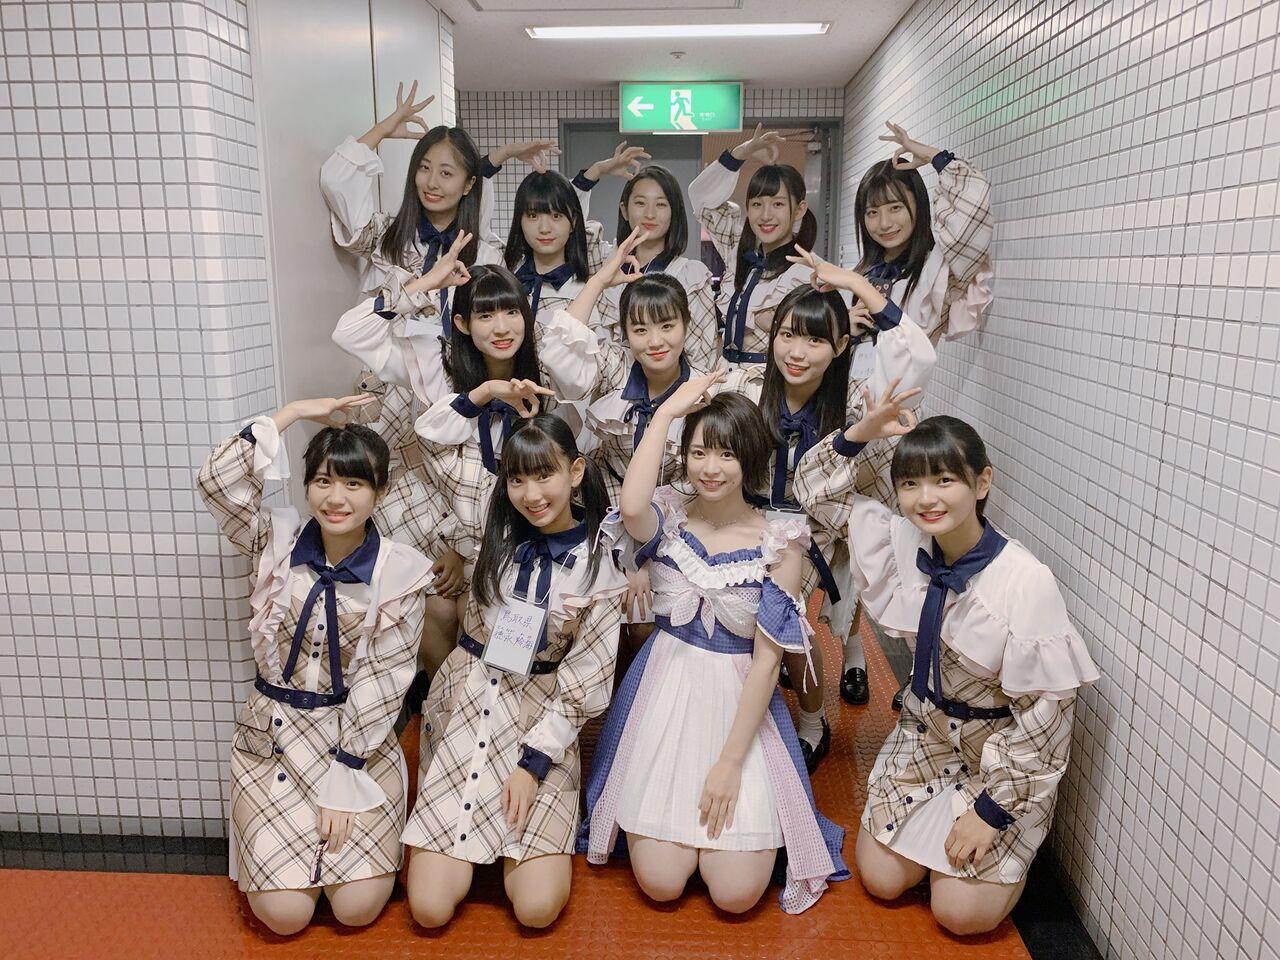 【画像】チーム8新メンバー、レベル高いwwwwwwww